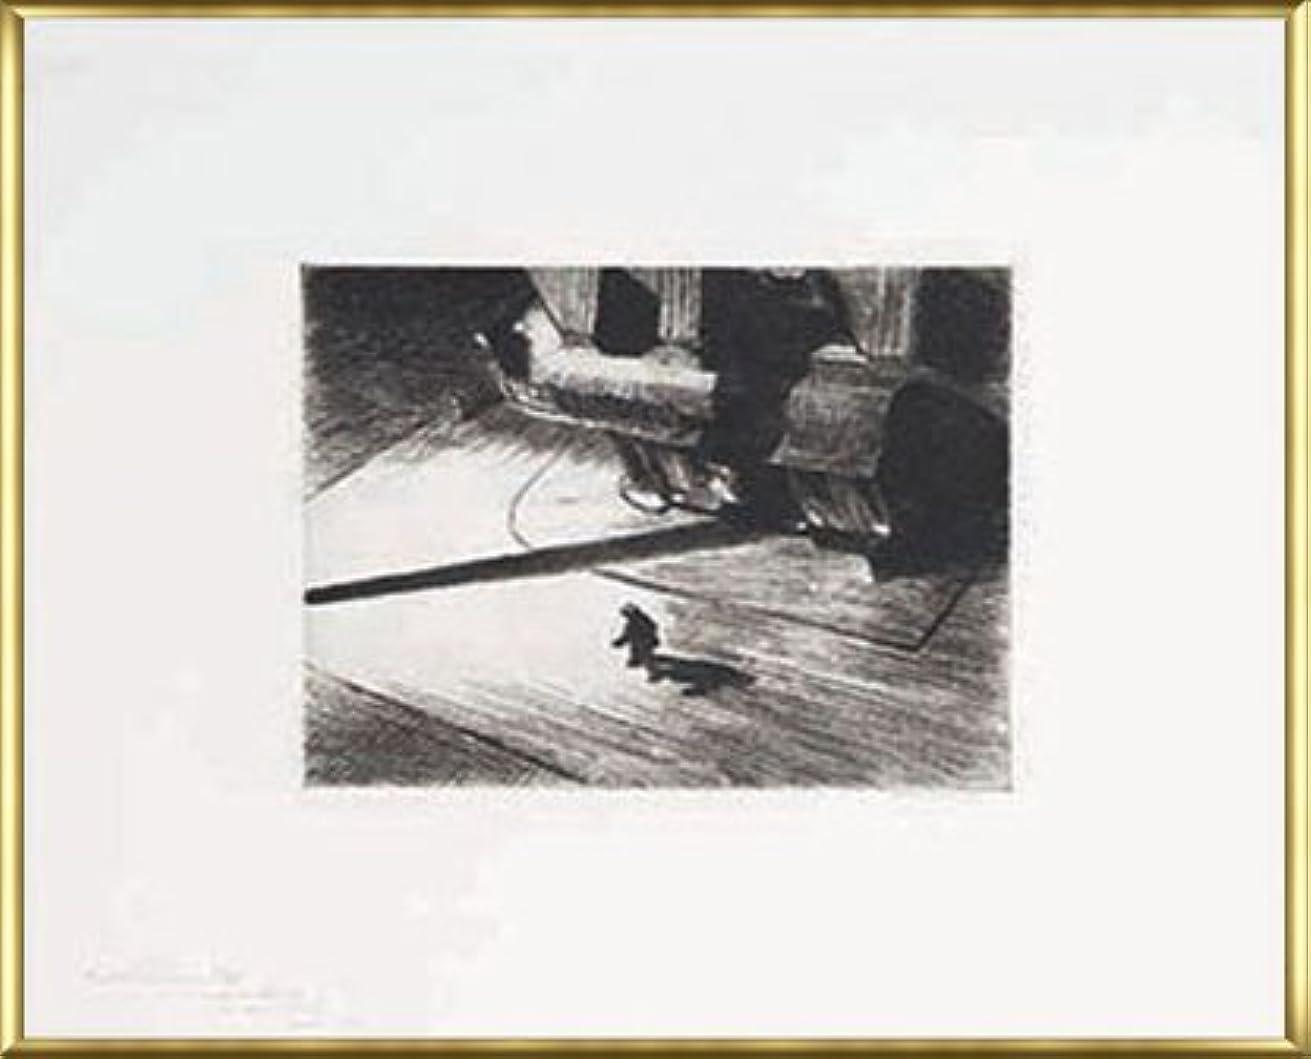 軽くドラマしなやかなポスター エドワード ホッパー Night Shadows 1921 額装品 アルミ製ベーシックフレーム(ゴールド)